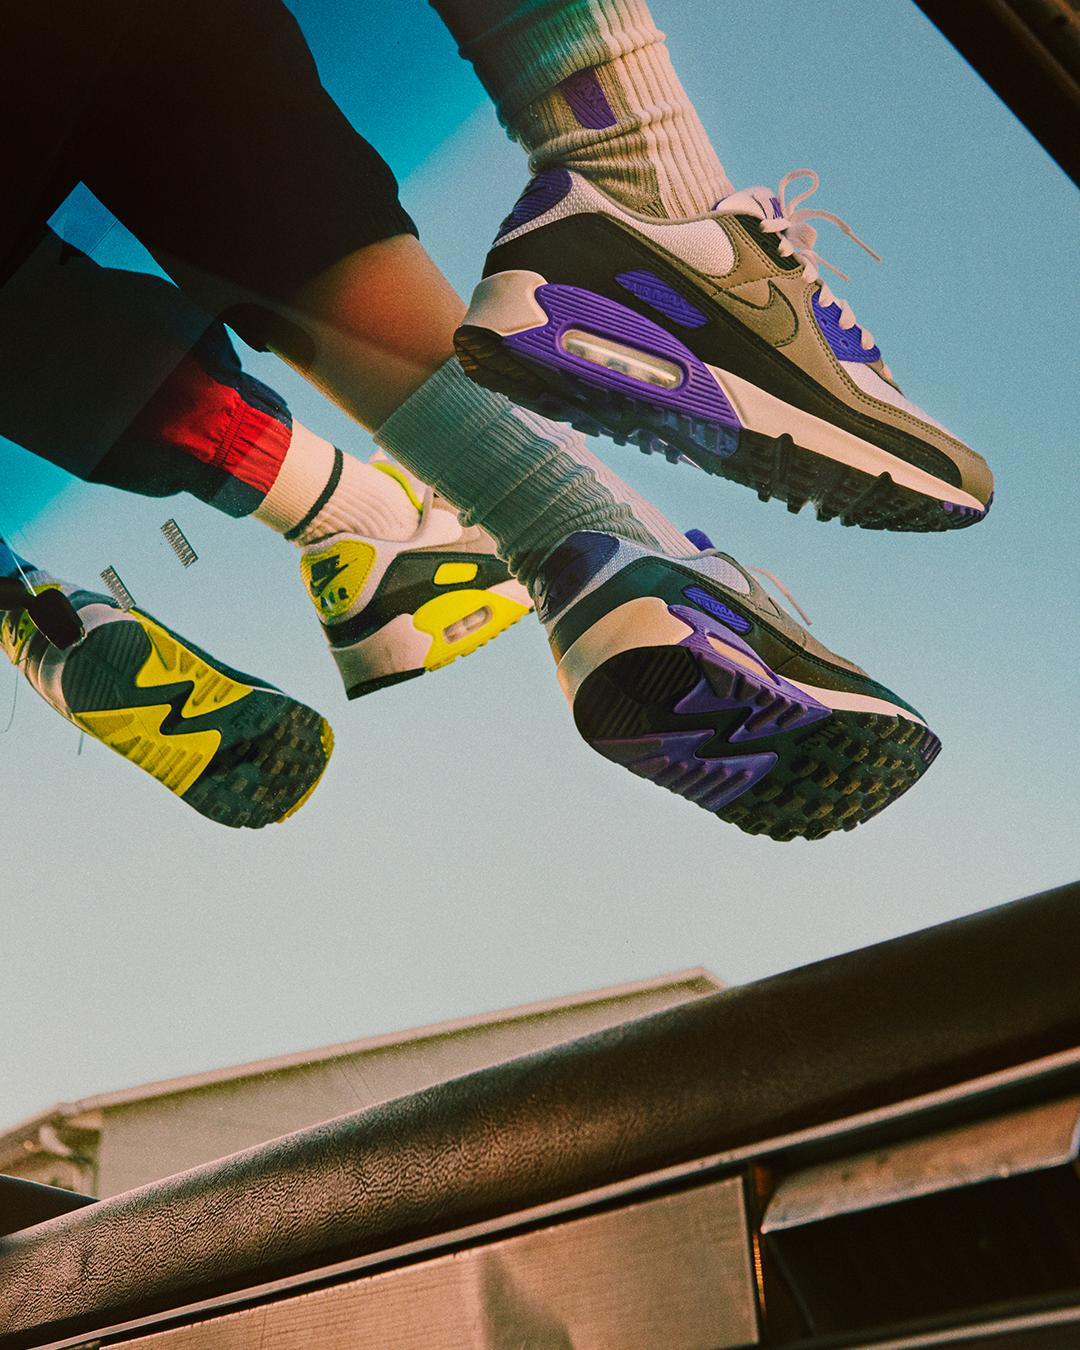 """Nike revive los """"Air Max 90"""" con un nuevo y atrevido modelo para celebrar 30 años de su lanzamiento"""